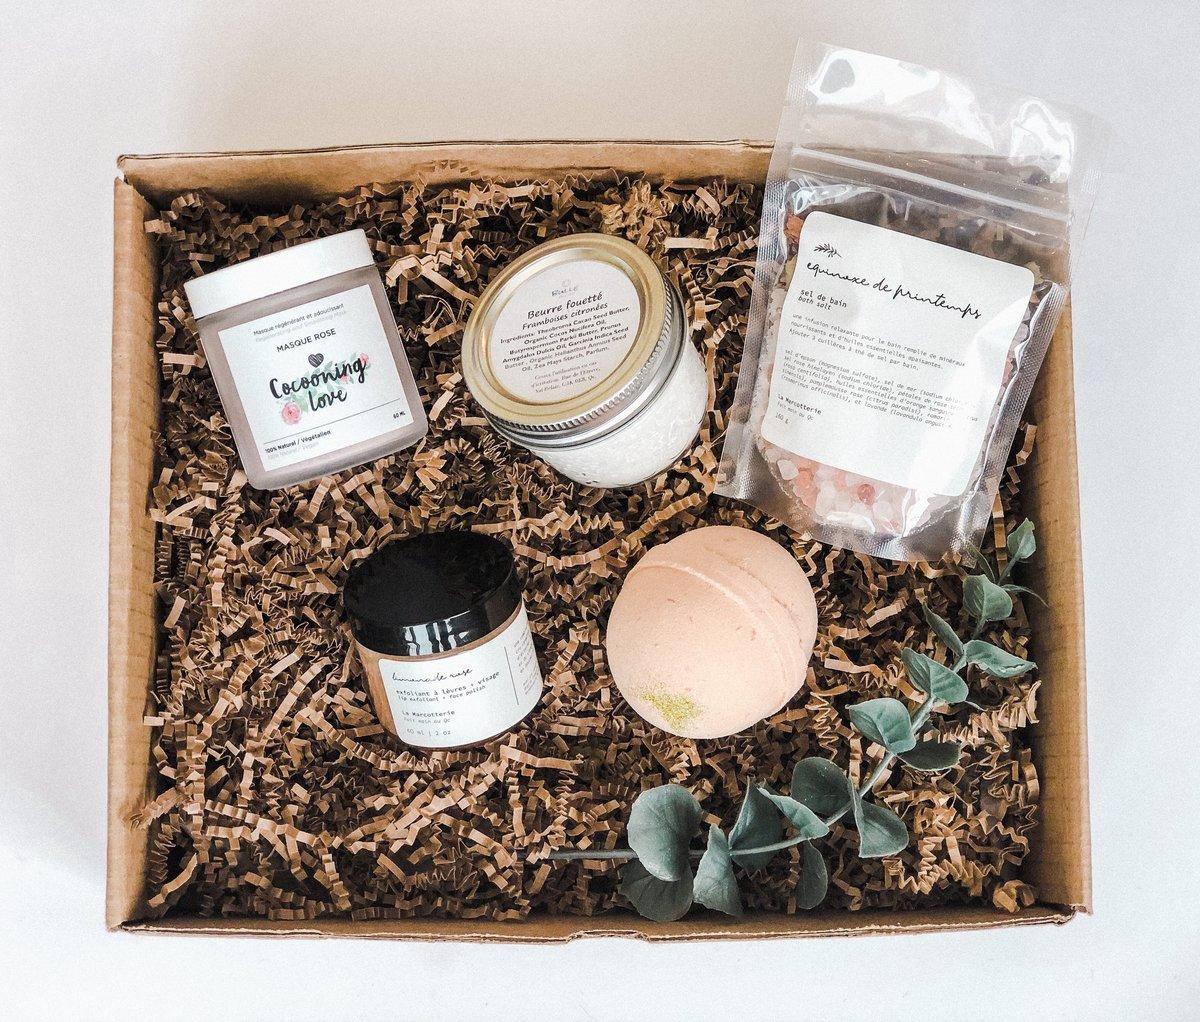 Cliquez ici pour acheter Boîte – Prends soin de toi